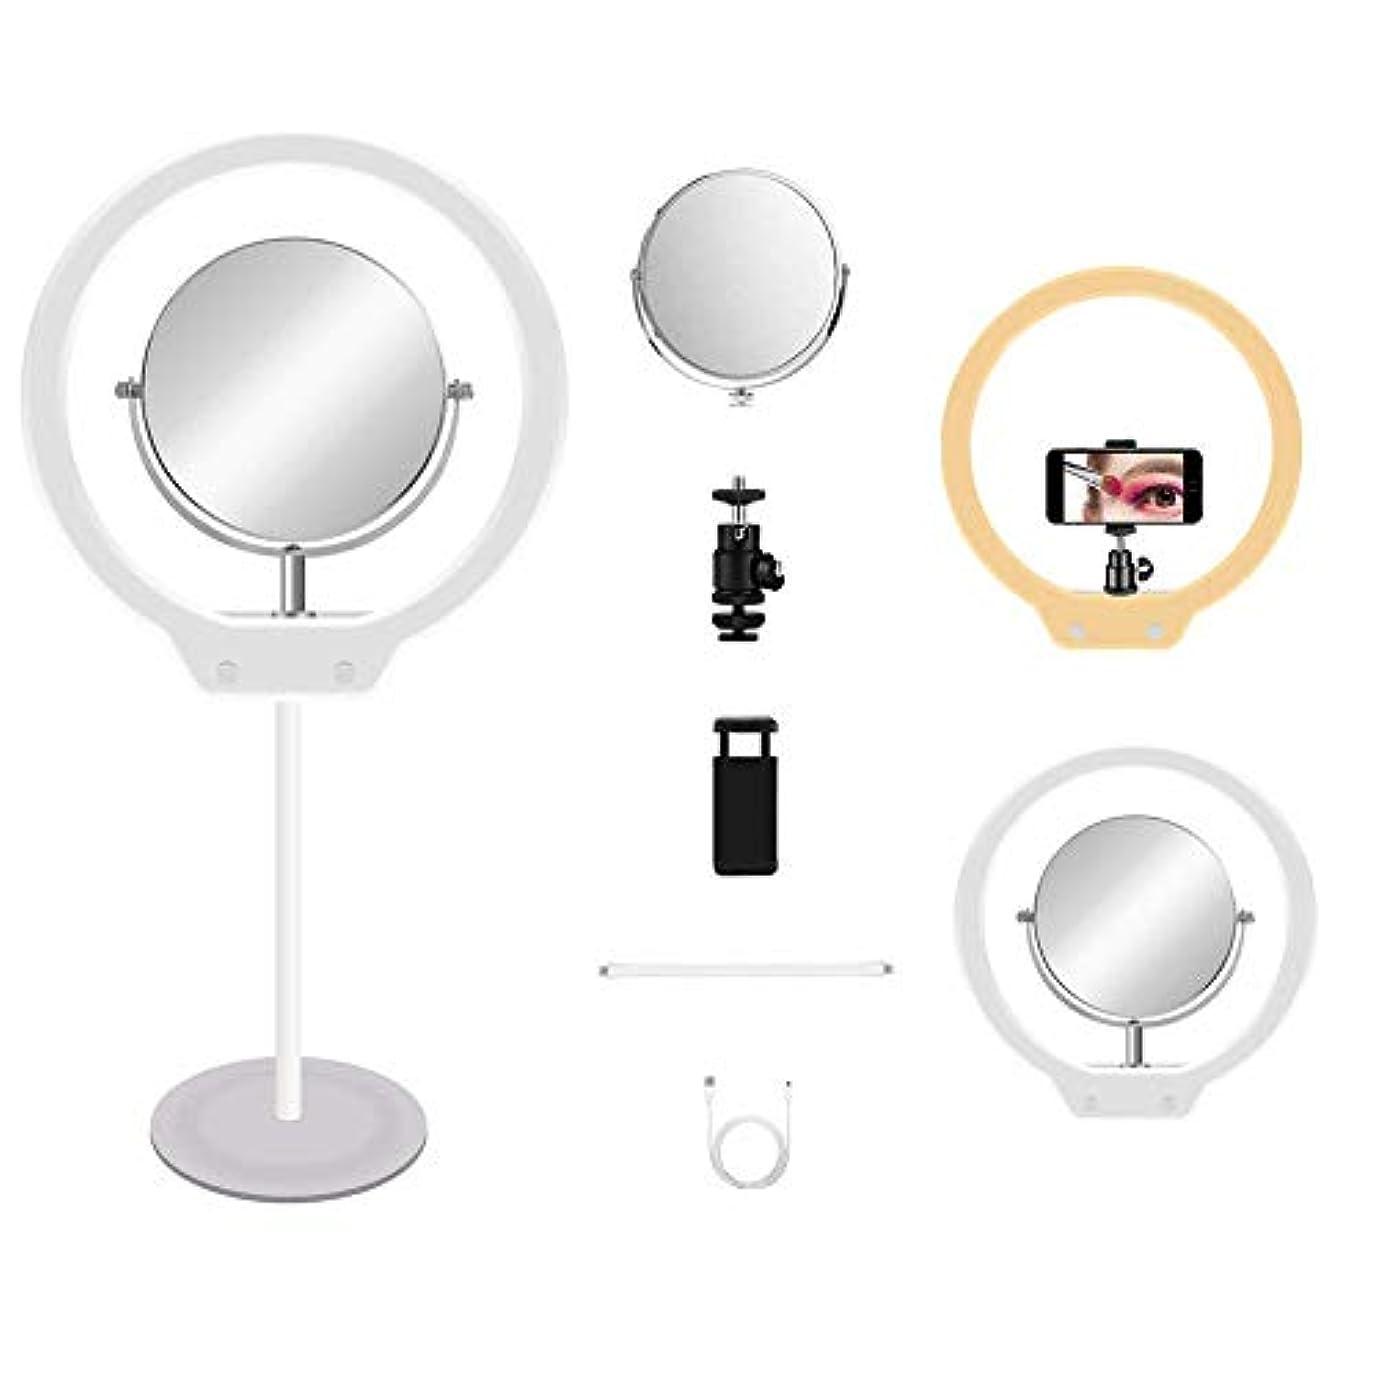 ラフレシアアルノルディ電球いたずらMount Dog 撮影 照明 led 撮影 LEDリングライト ミニ卓上ビデオライトスタンド 鏡付き スマホホルダー付き 3色モード USBライト 外径10in